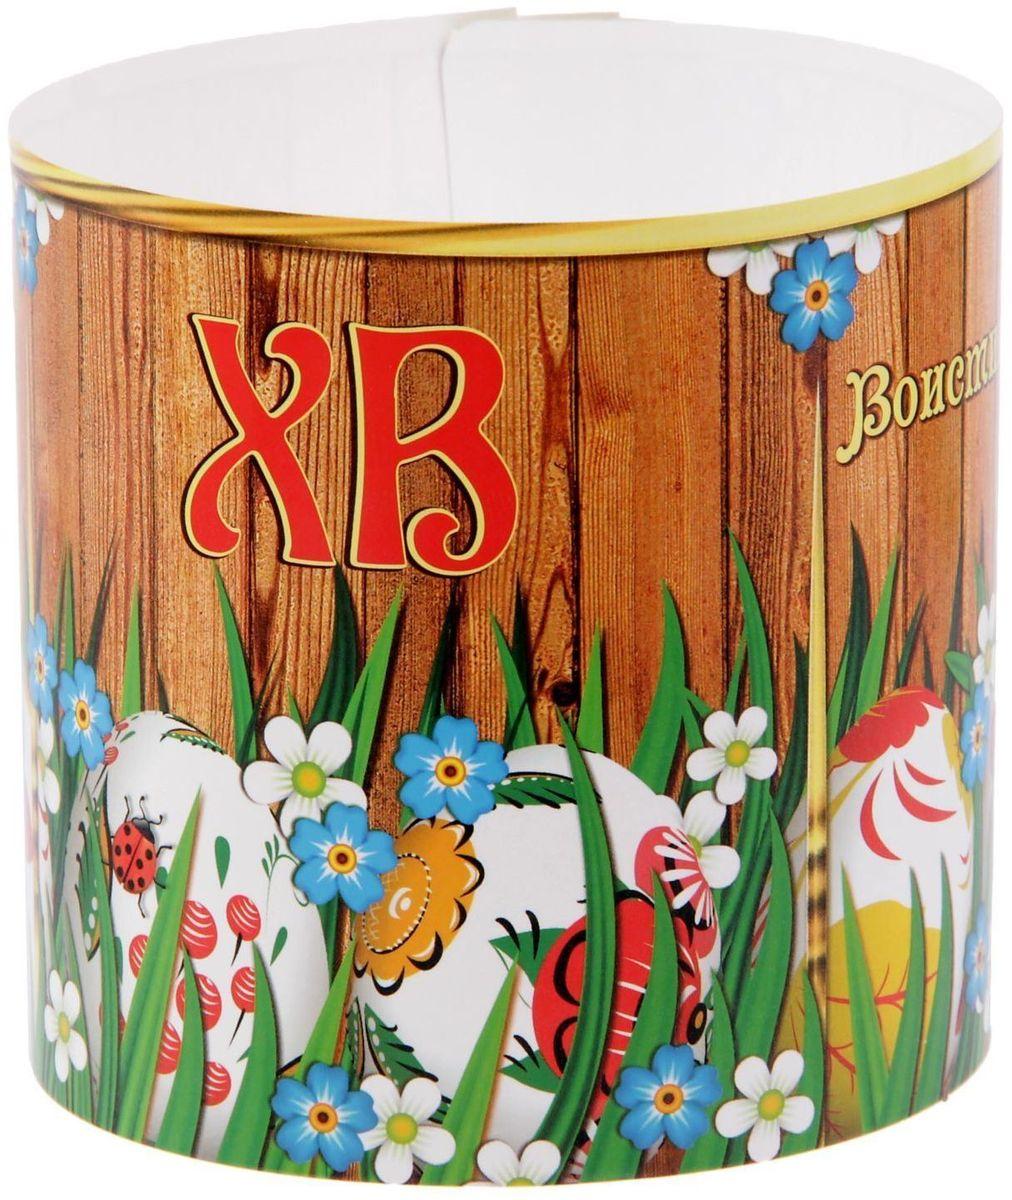 Ободок для пасхального кулича ХВ. Разноцветные яйца, 32,2 х 9 см1546272Ободок для пасхального кулича - отличное дополнение для торжества. Аксессуар украсит праздничный стол и защитит угощение от маленьких ручек, которые так и норовят отщипнуть кусочек от угощения. Размер ободка регулируется, поэтому он подходит для больших и маленьких куличей.